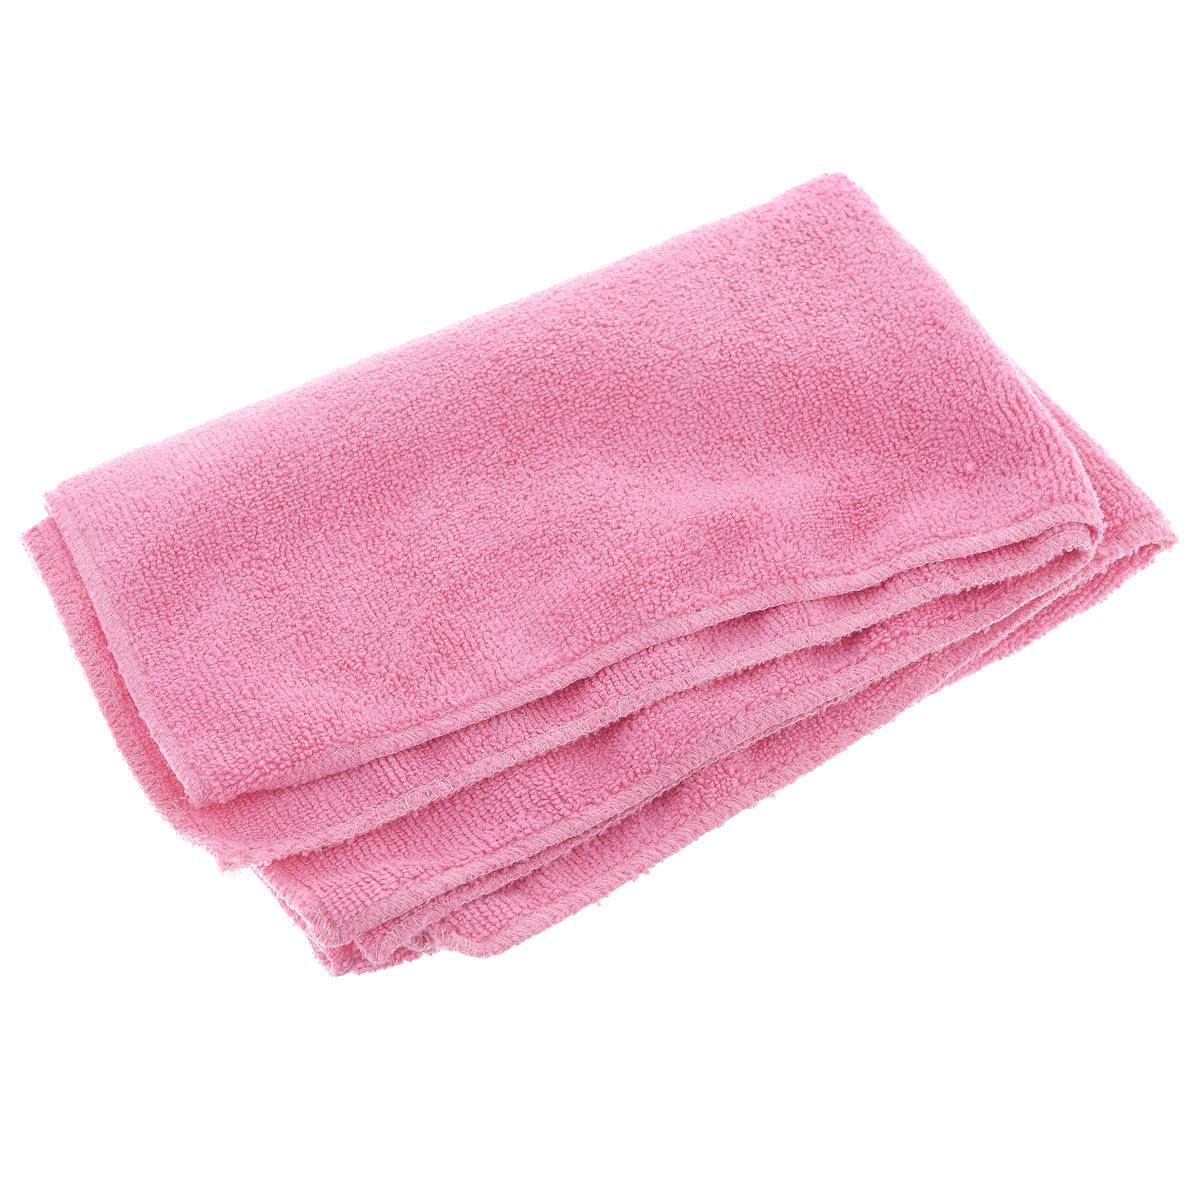 Тряпка для пола Eva, цвет: розовый, 50 см х 60 смЕ7302 розовыйТряпка для пола Eva выполнена из микрофибры (полиэстера и полиамида). Благодаря микроструктуре волокон она проникает в поры материалов, а поэтому может удалять загрязнения без применения химических средств. Тряпка удерживает влагу, не оставляет разводов и ворса. Размер: 50 см х 60 см.